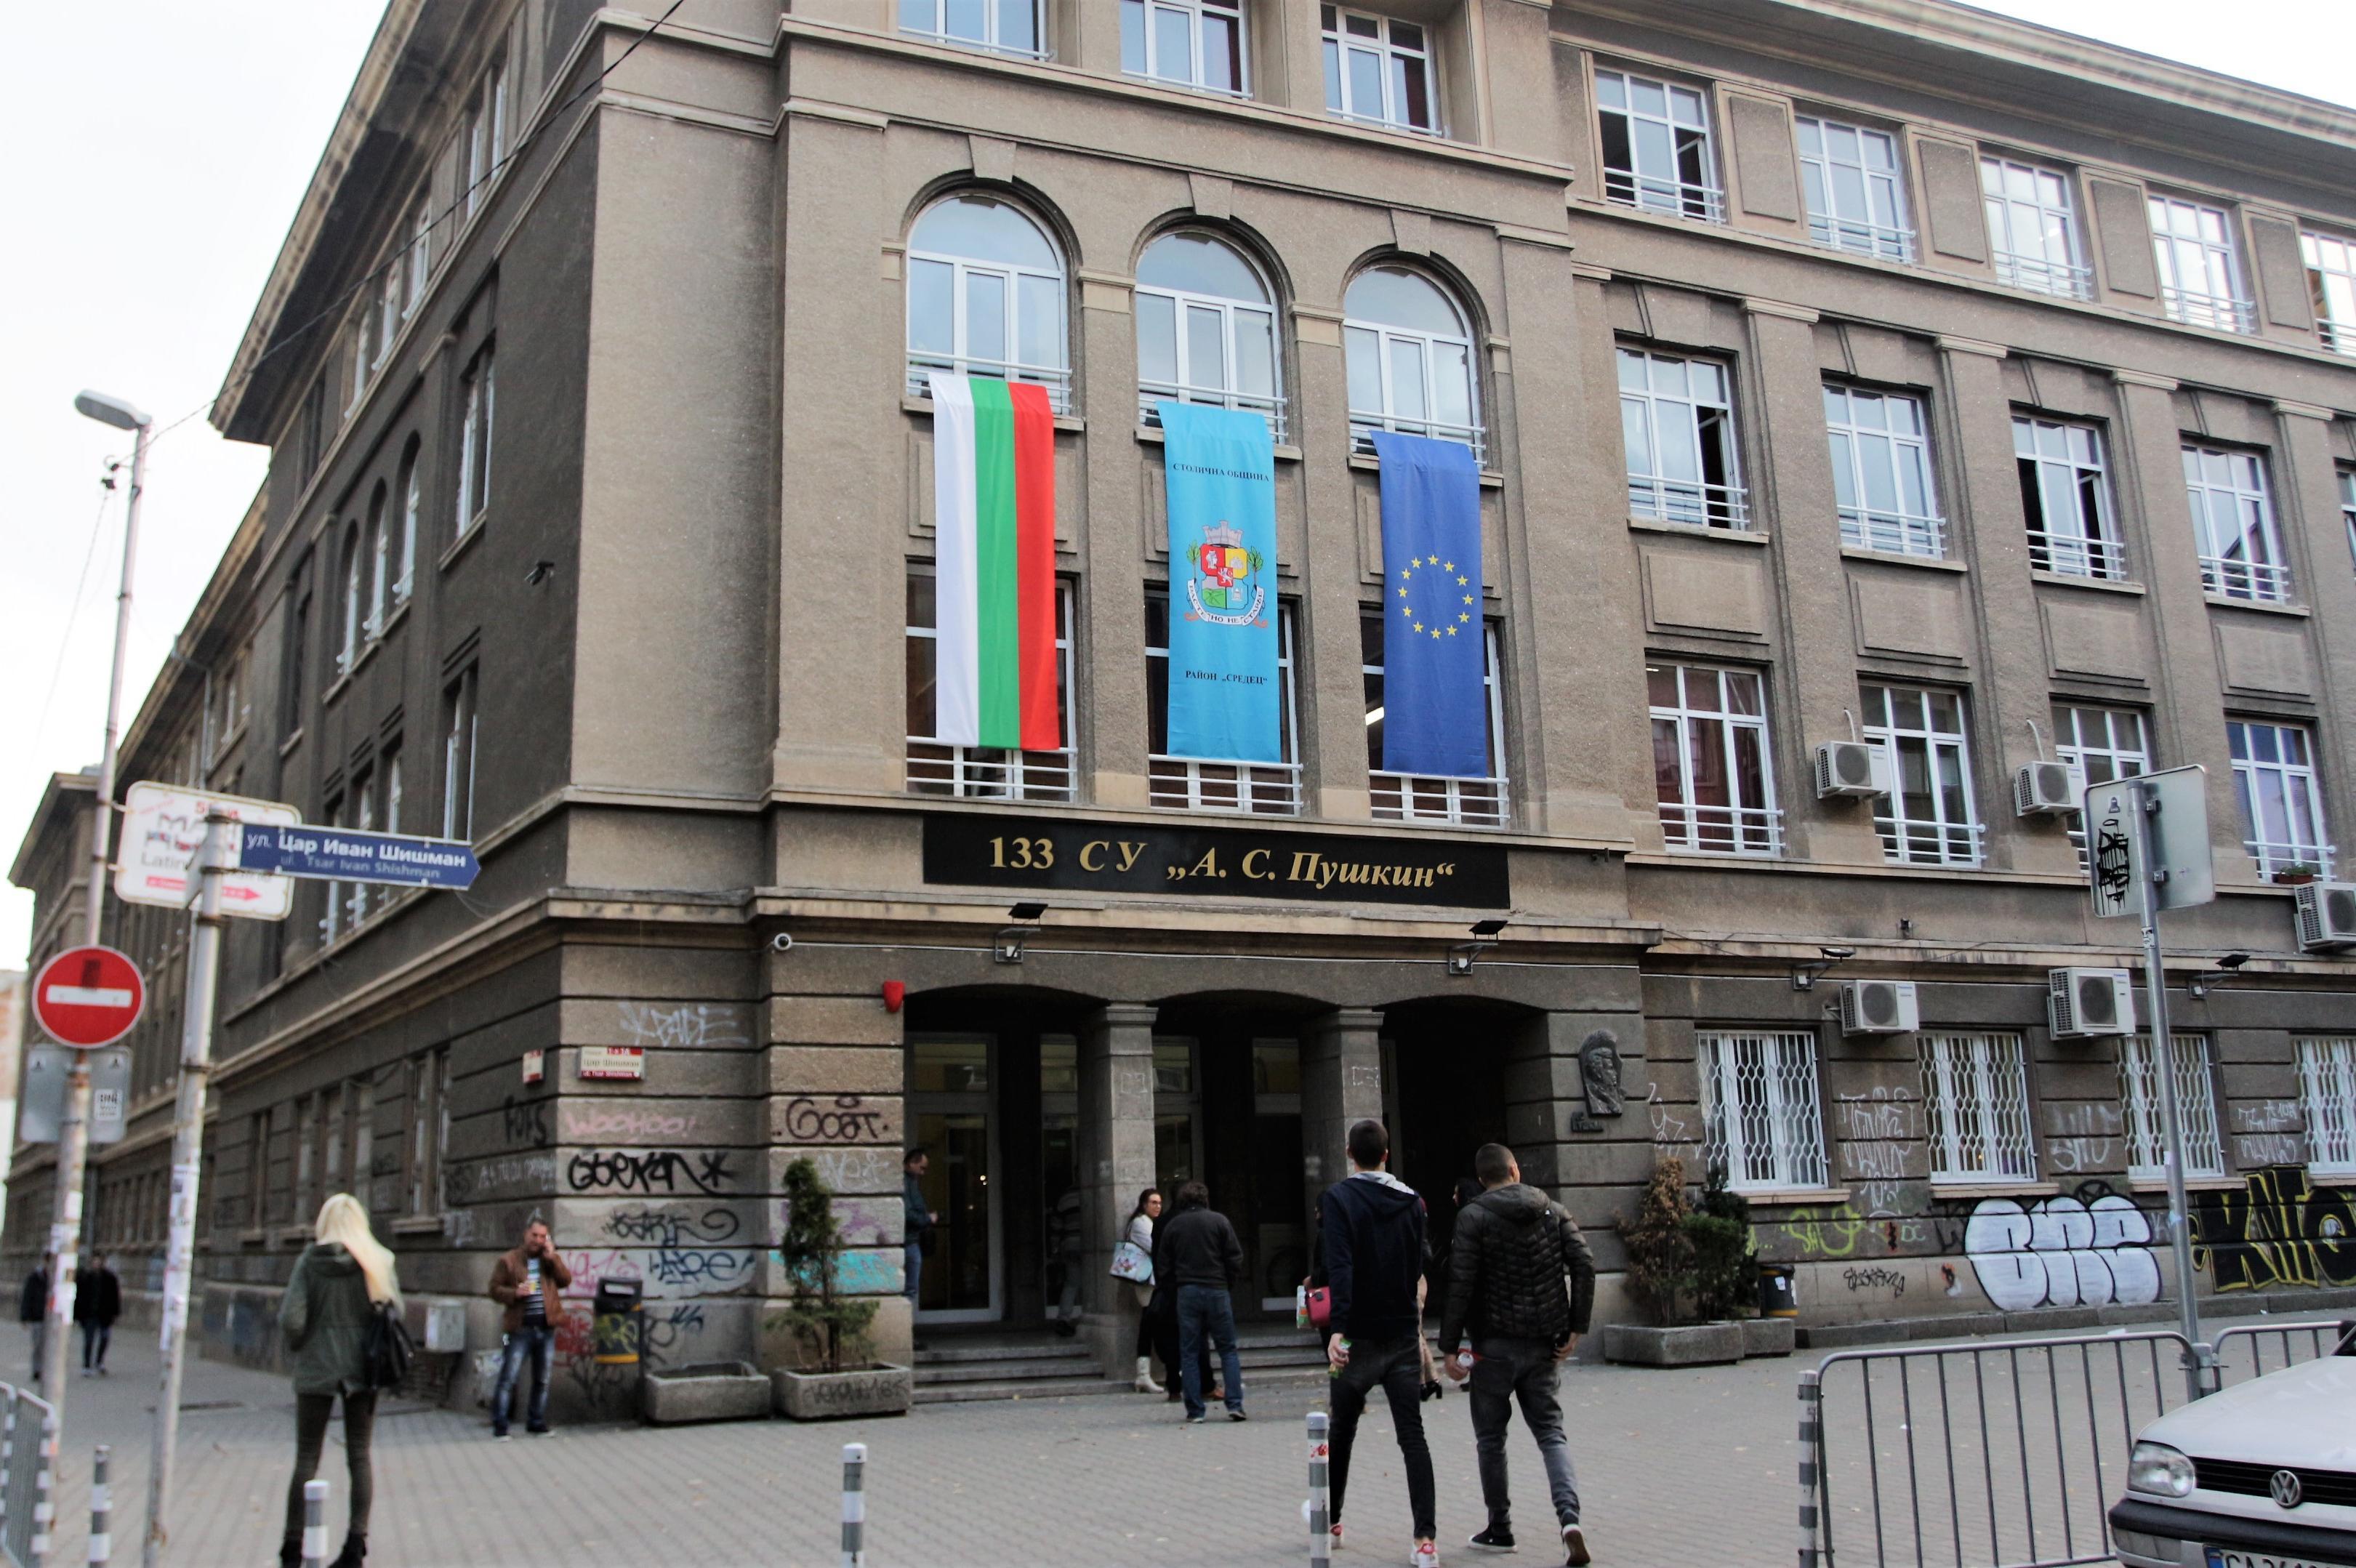 В София: 87 училища със заповеди от министъра за онлайн обучение